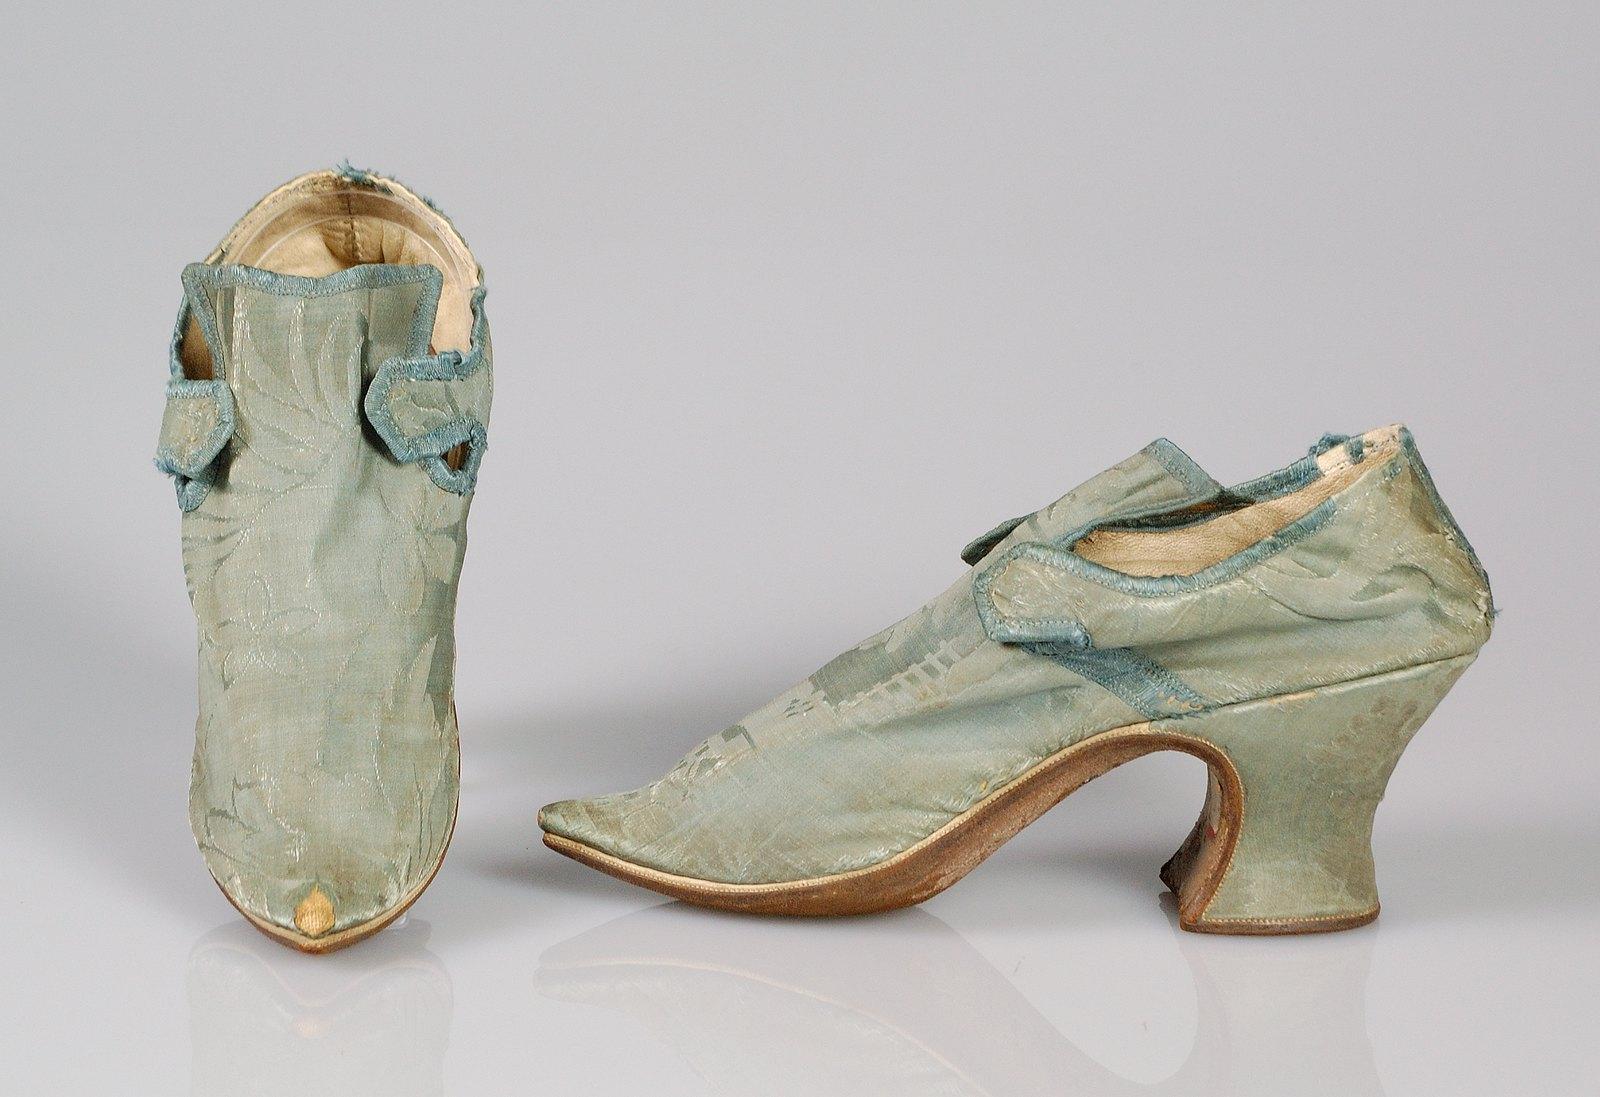 1709. European. Silk